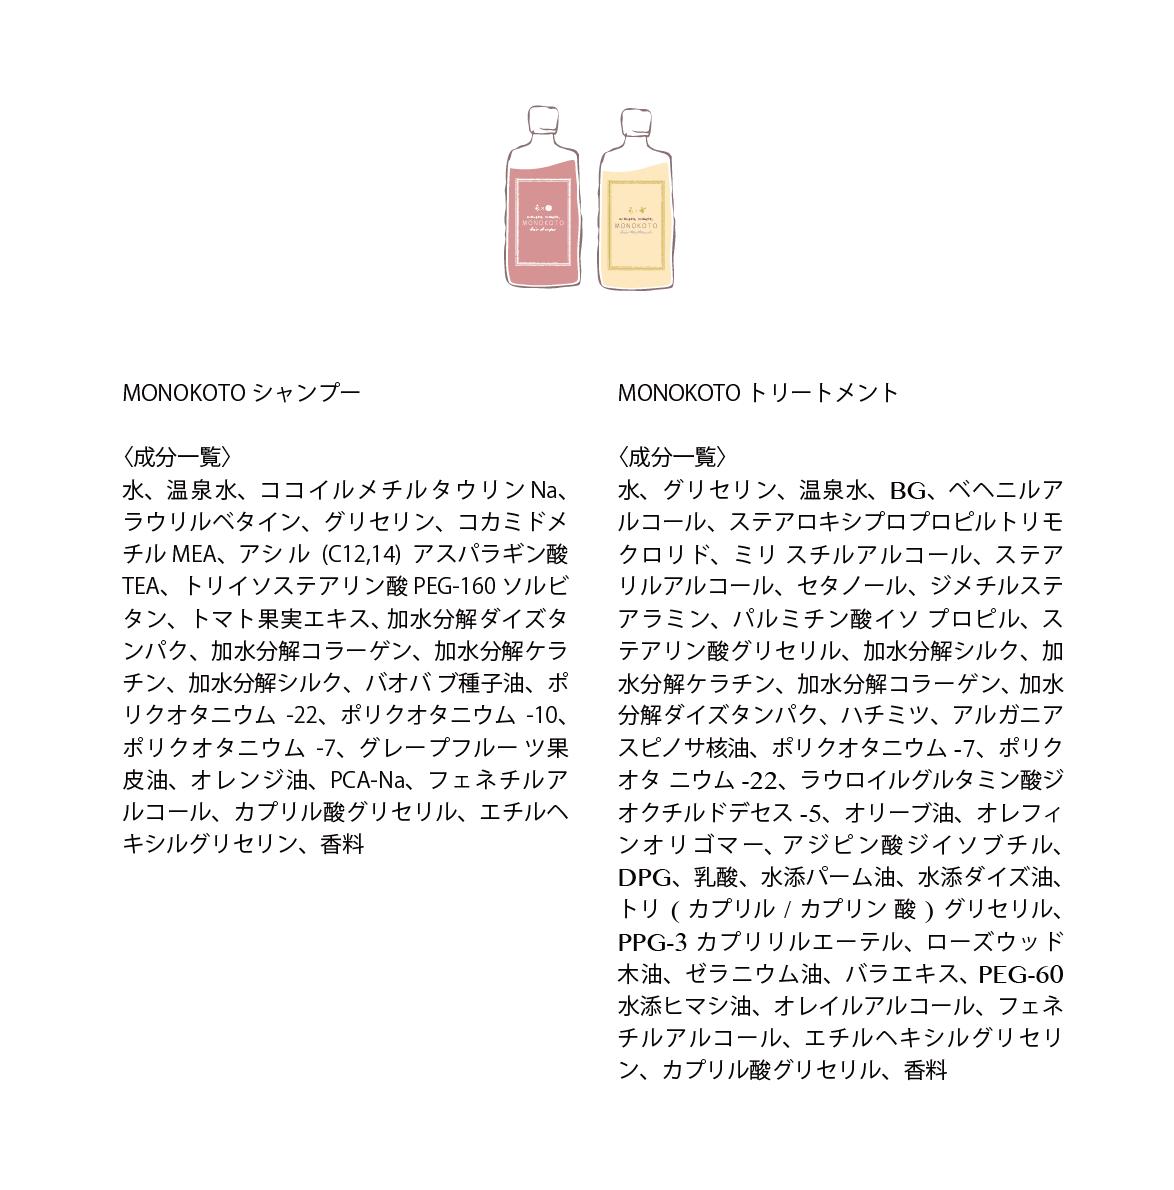 MONOKOTO4 本セット シャンプー&トリートメント